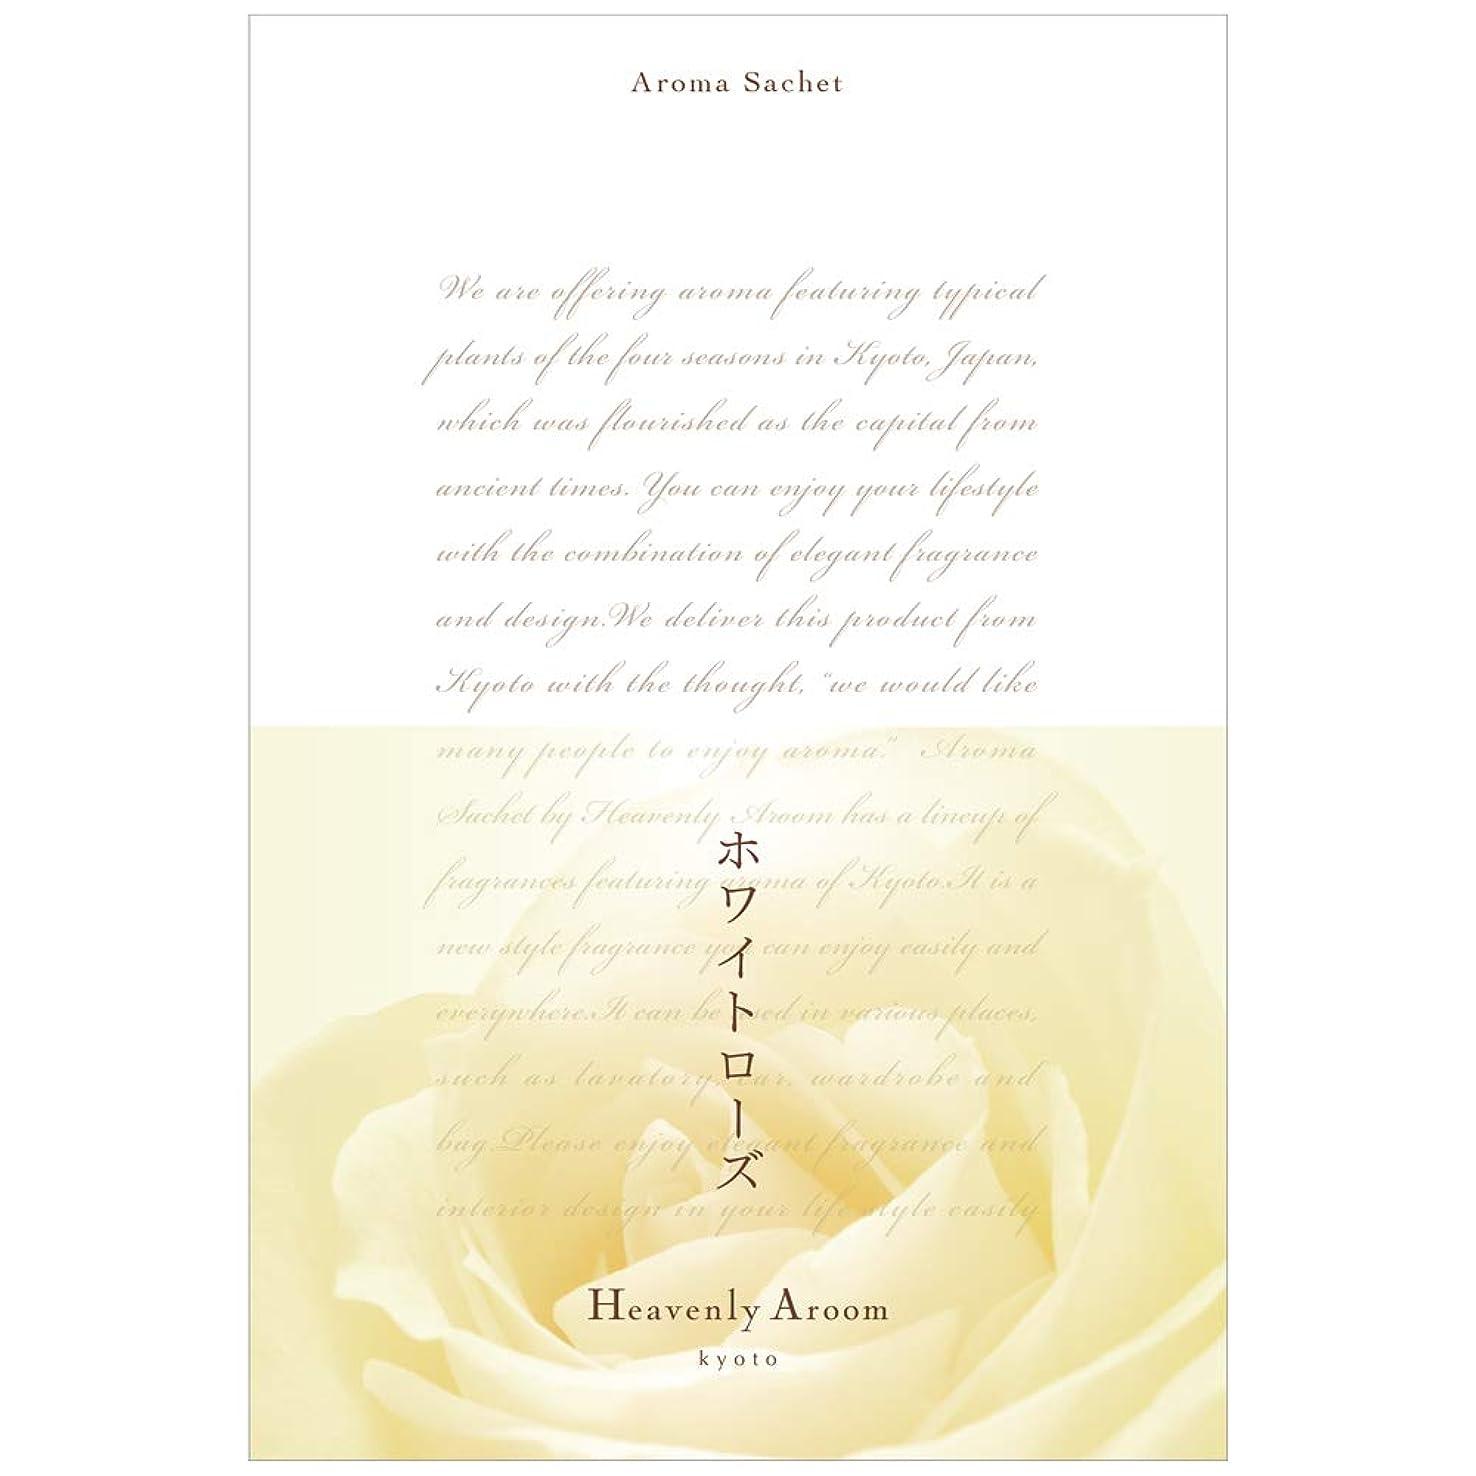 相続人封筒生産性Heavenly Aroom アロマサシェL ホワイトローズ